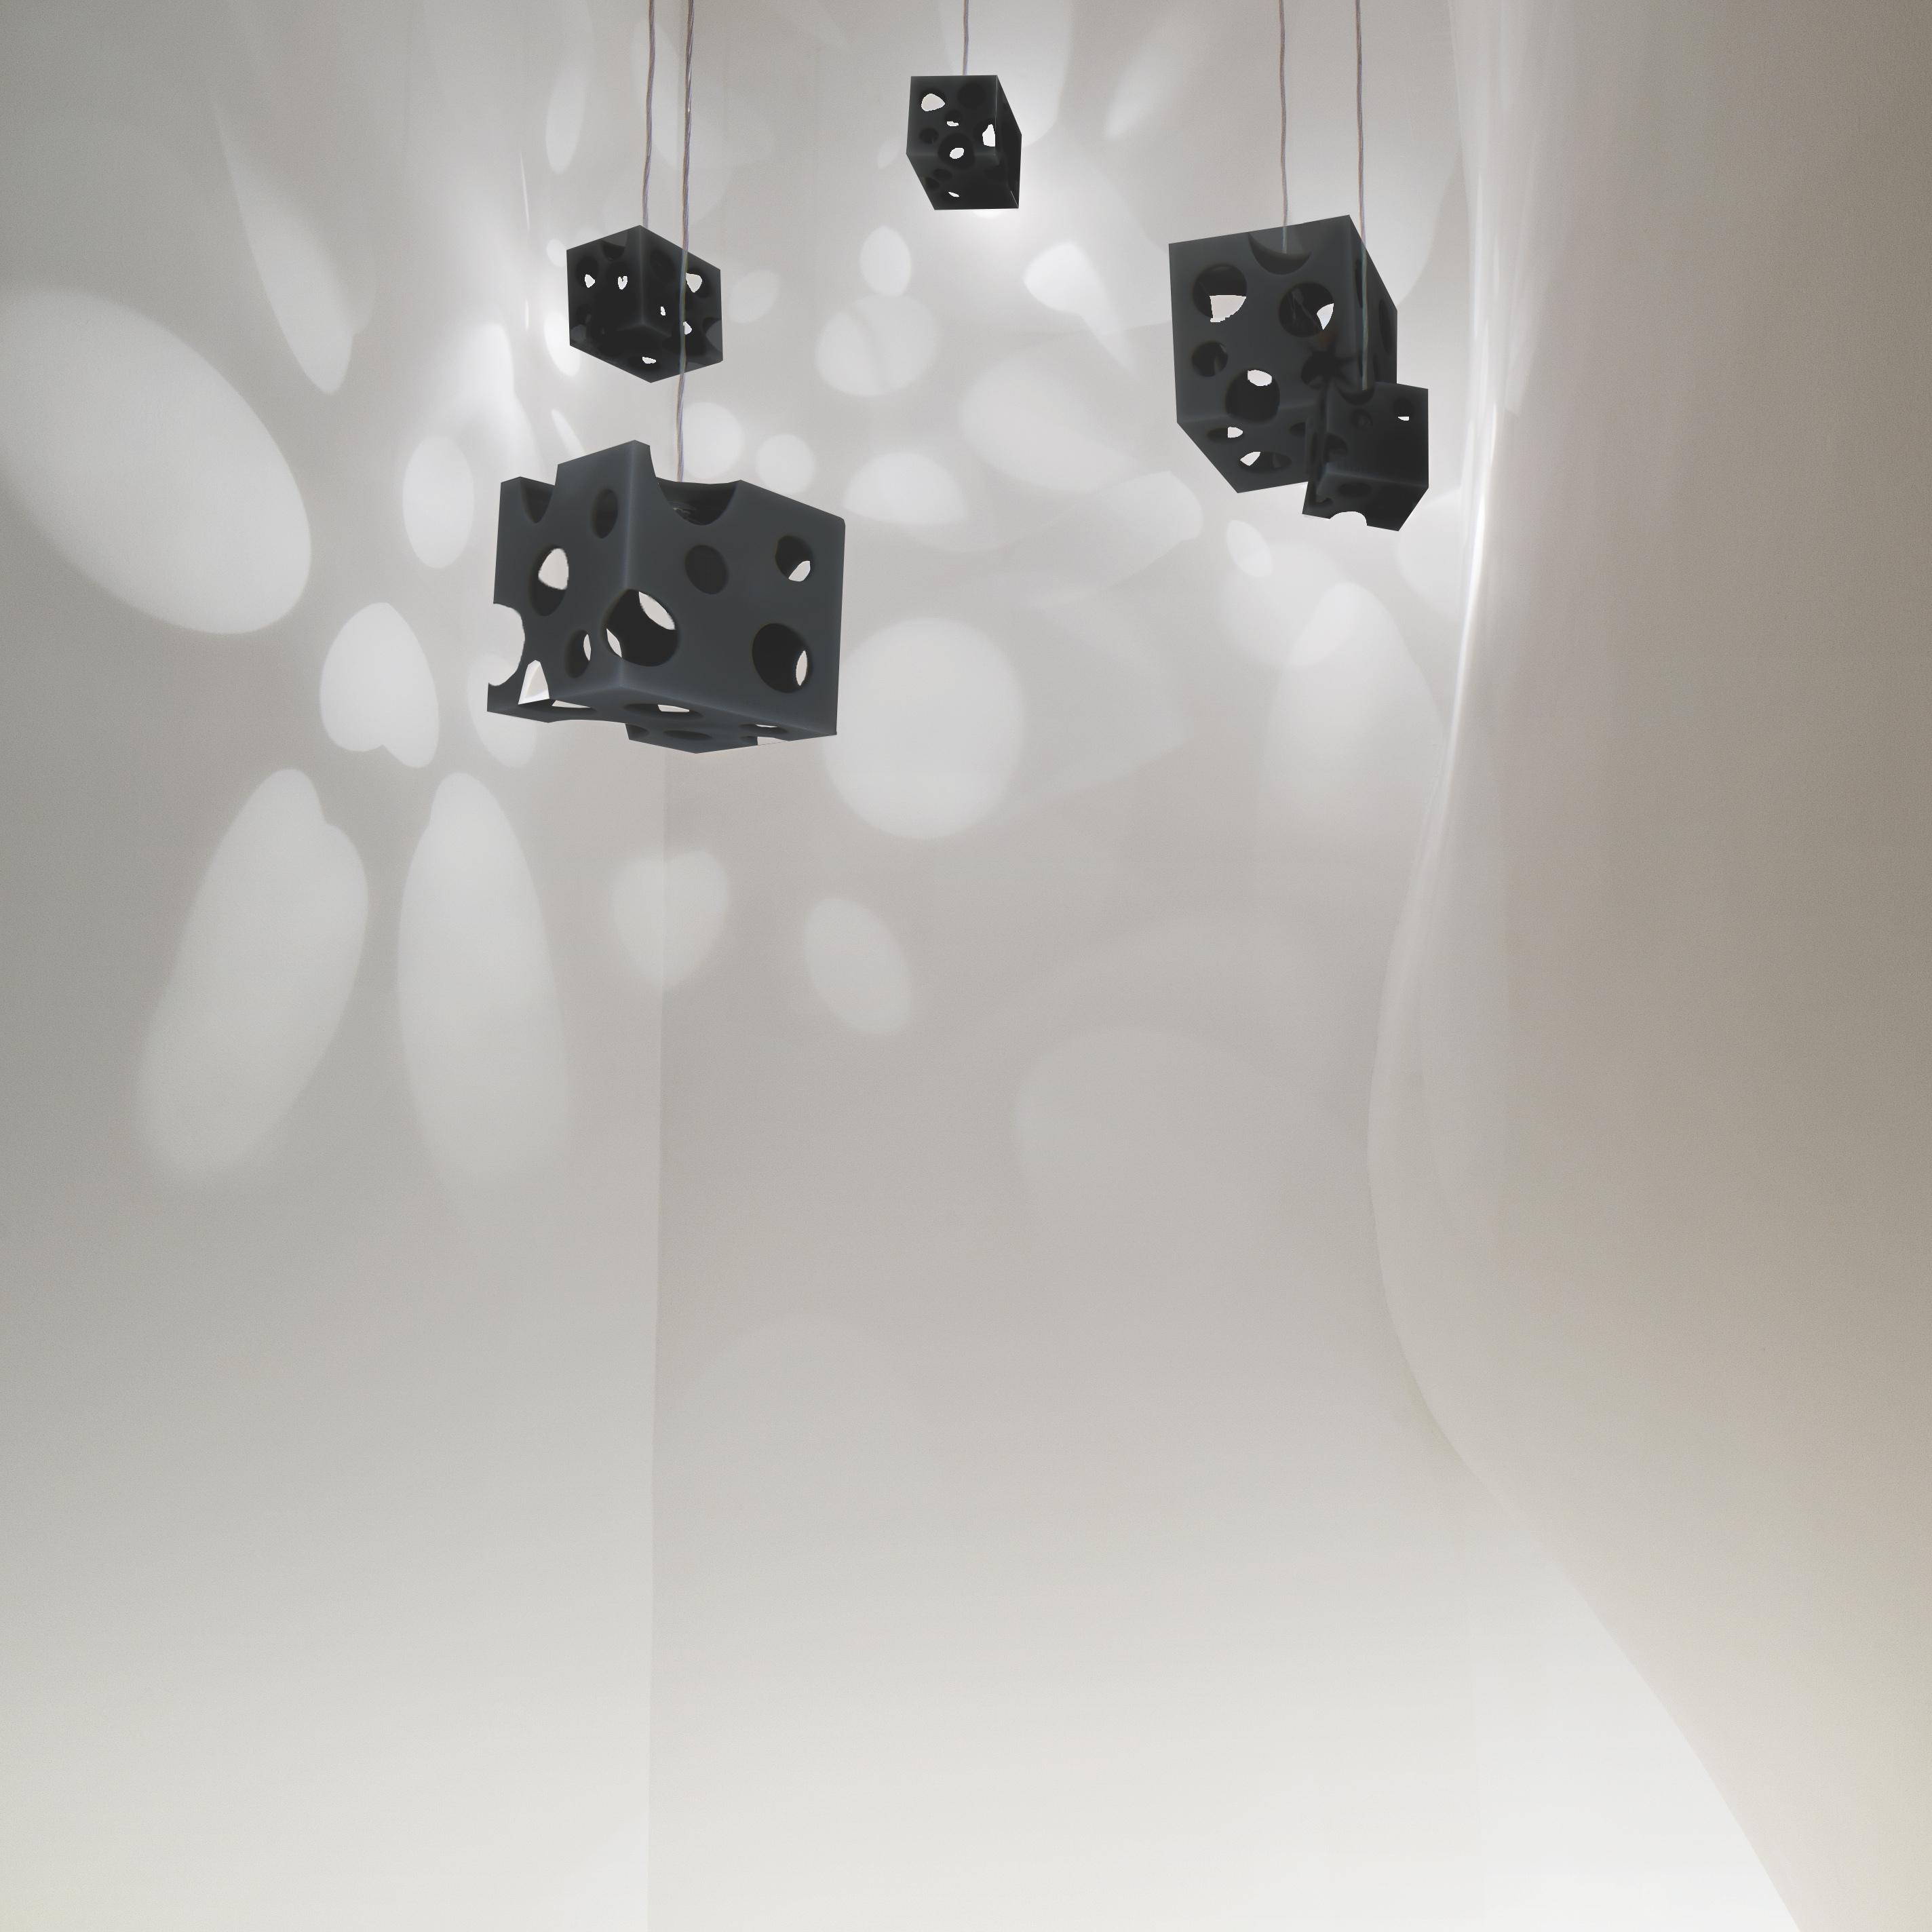 ルミエ・クッペ (黒) - Lumière Coupée (Black)  - W200xD200xH200mm